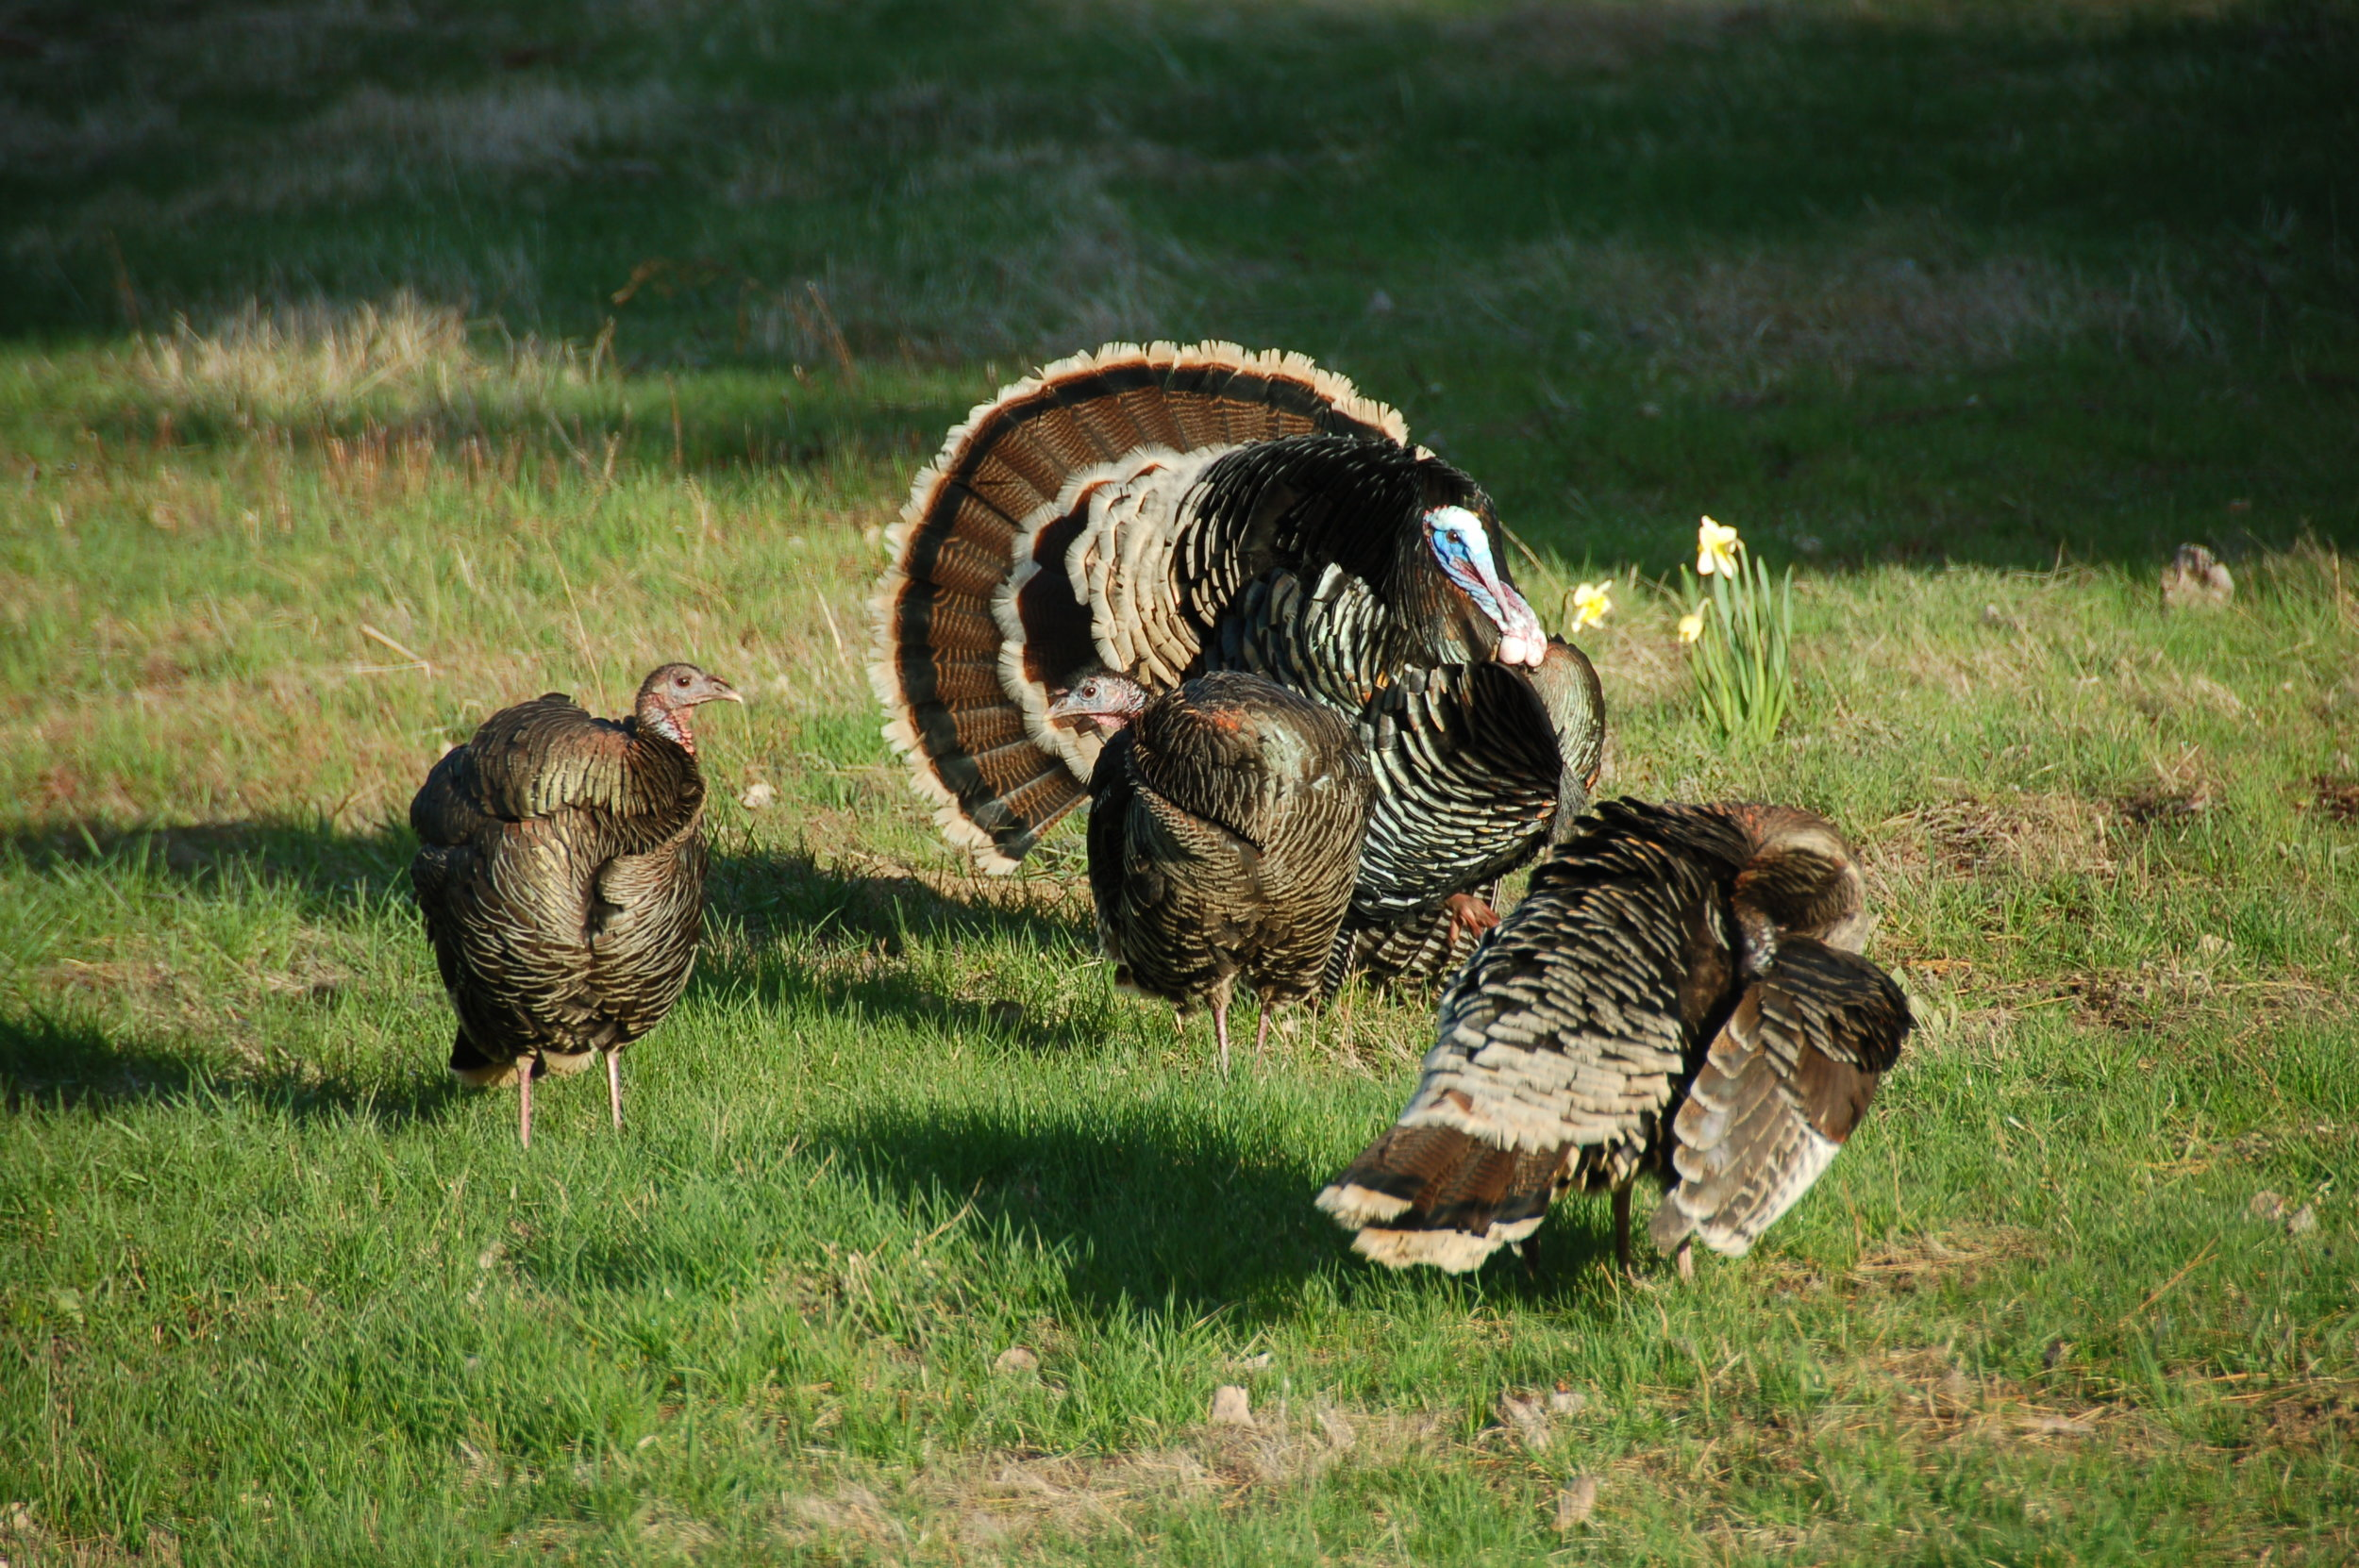 Kettle turkeys 2013-04-18 006.JPG